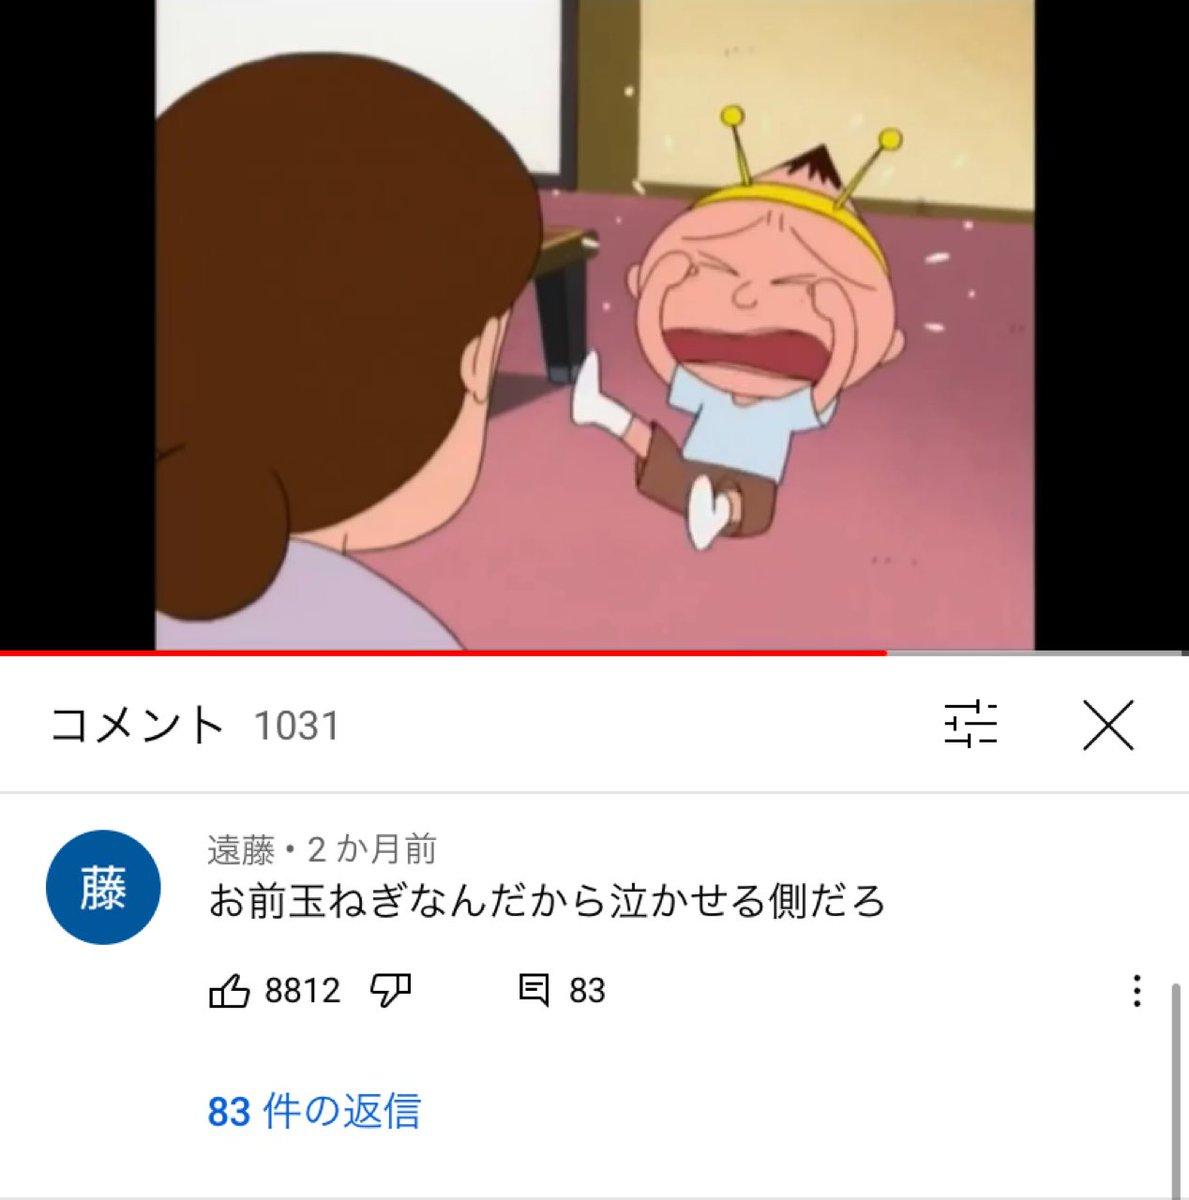 YouTube迷コメント集さんの投稿画像